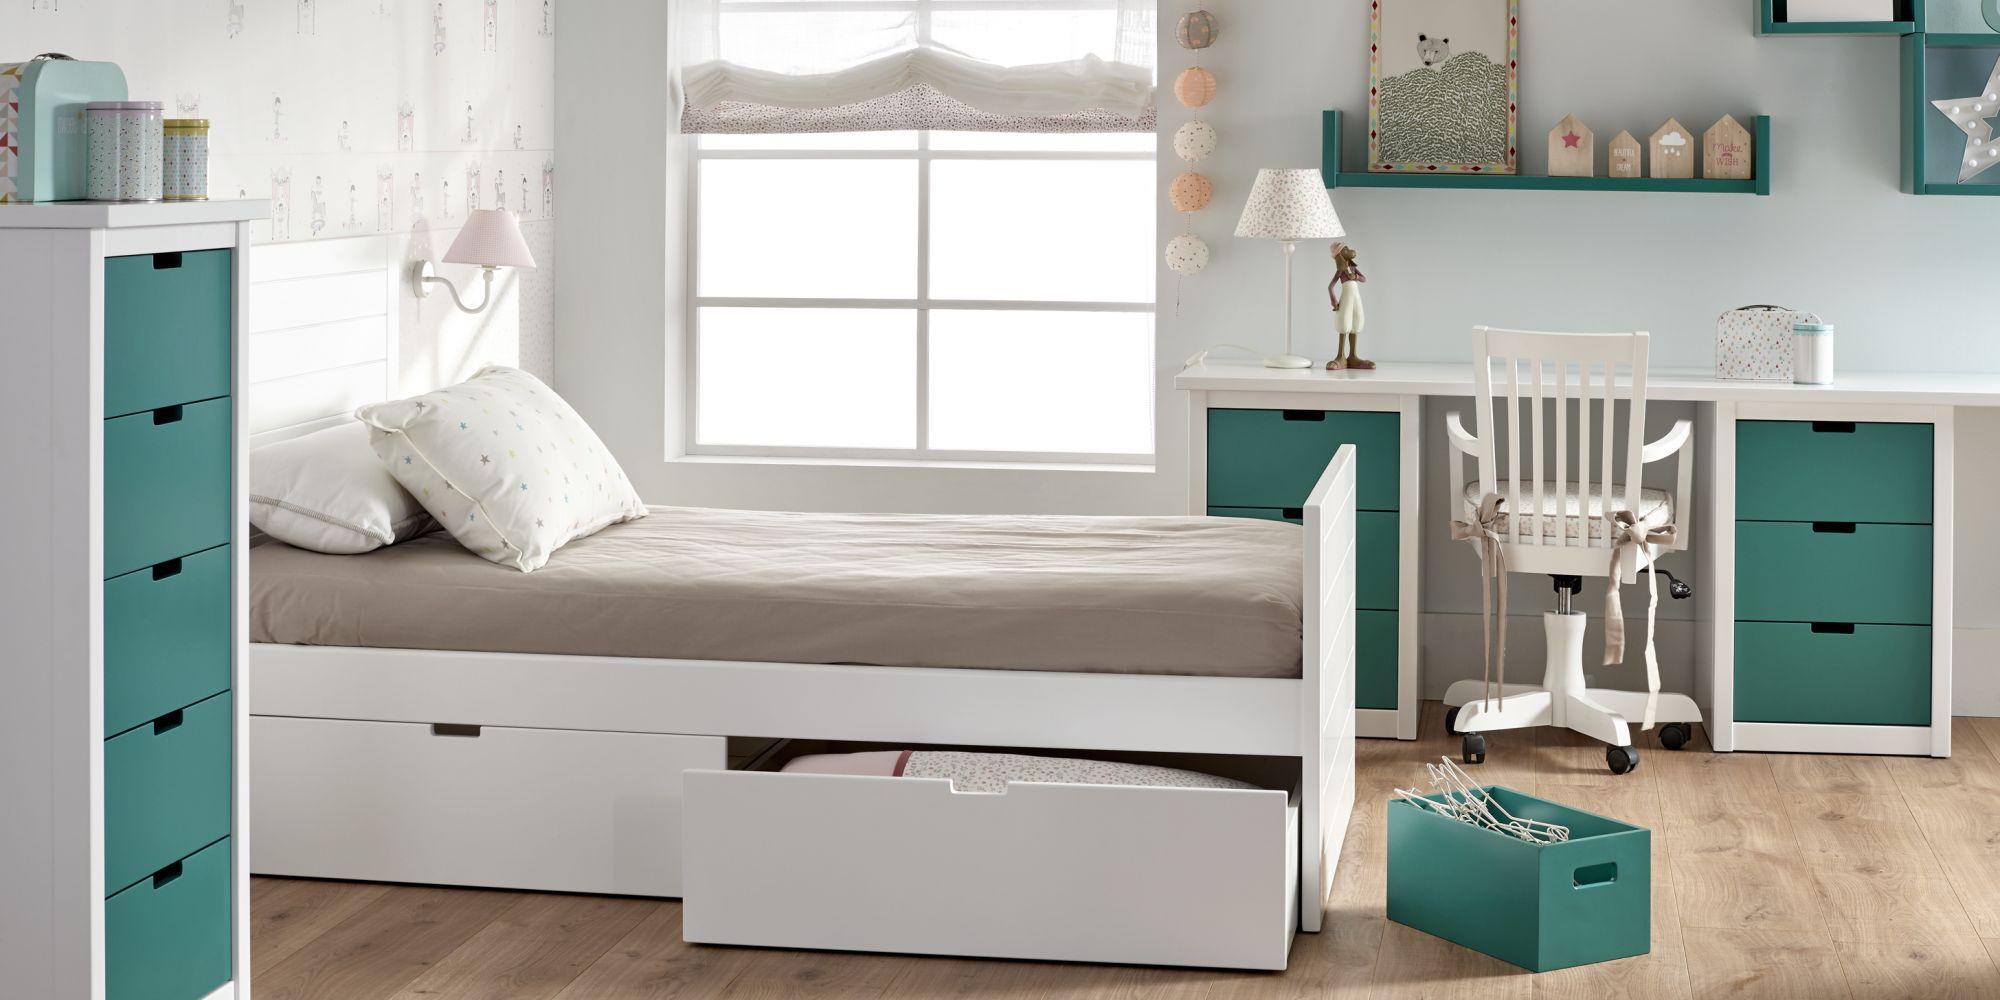 Habitación juvenil de una cama con chiffonier y mesa escritorio